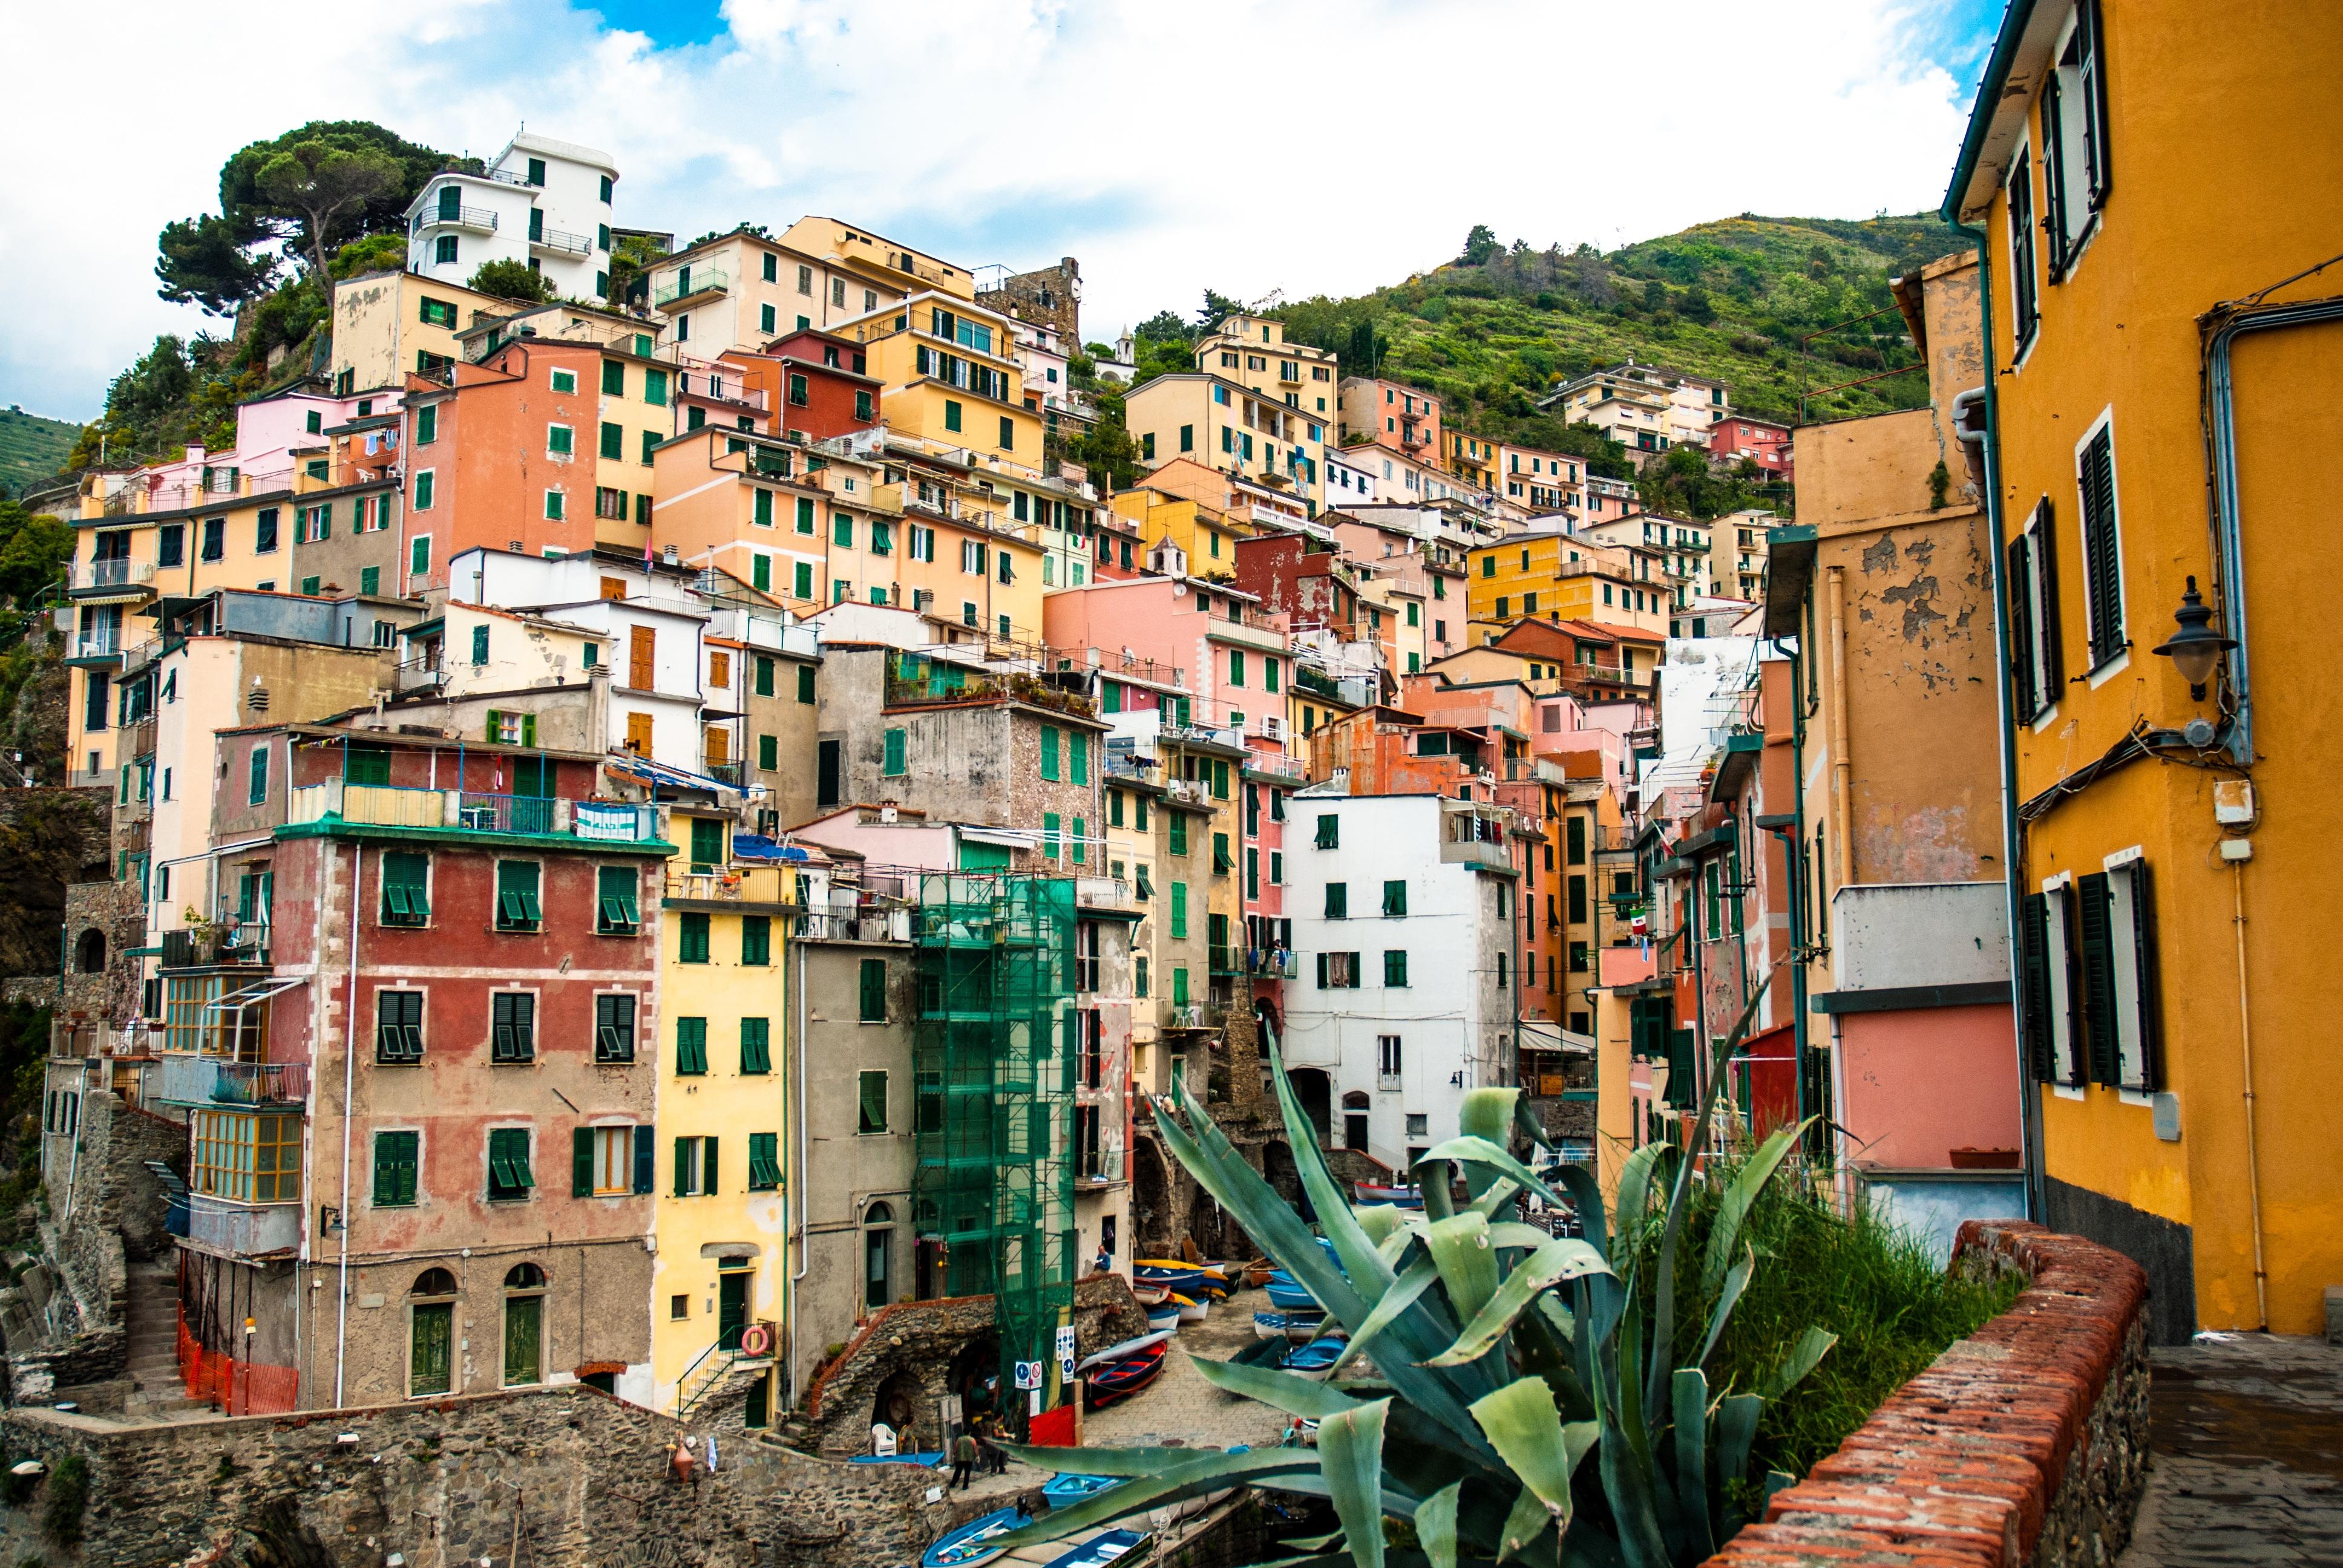 Images gratuites paysage la nature ciel route rue ville vue canal paysage urbain t - Office tourisme la spezia ...